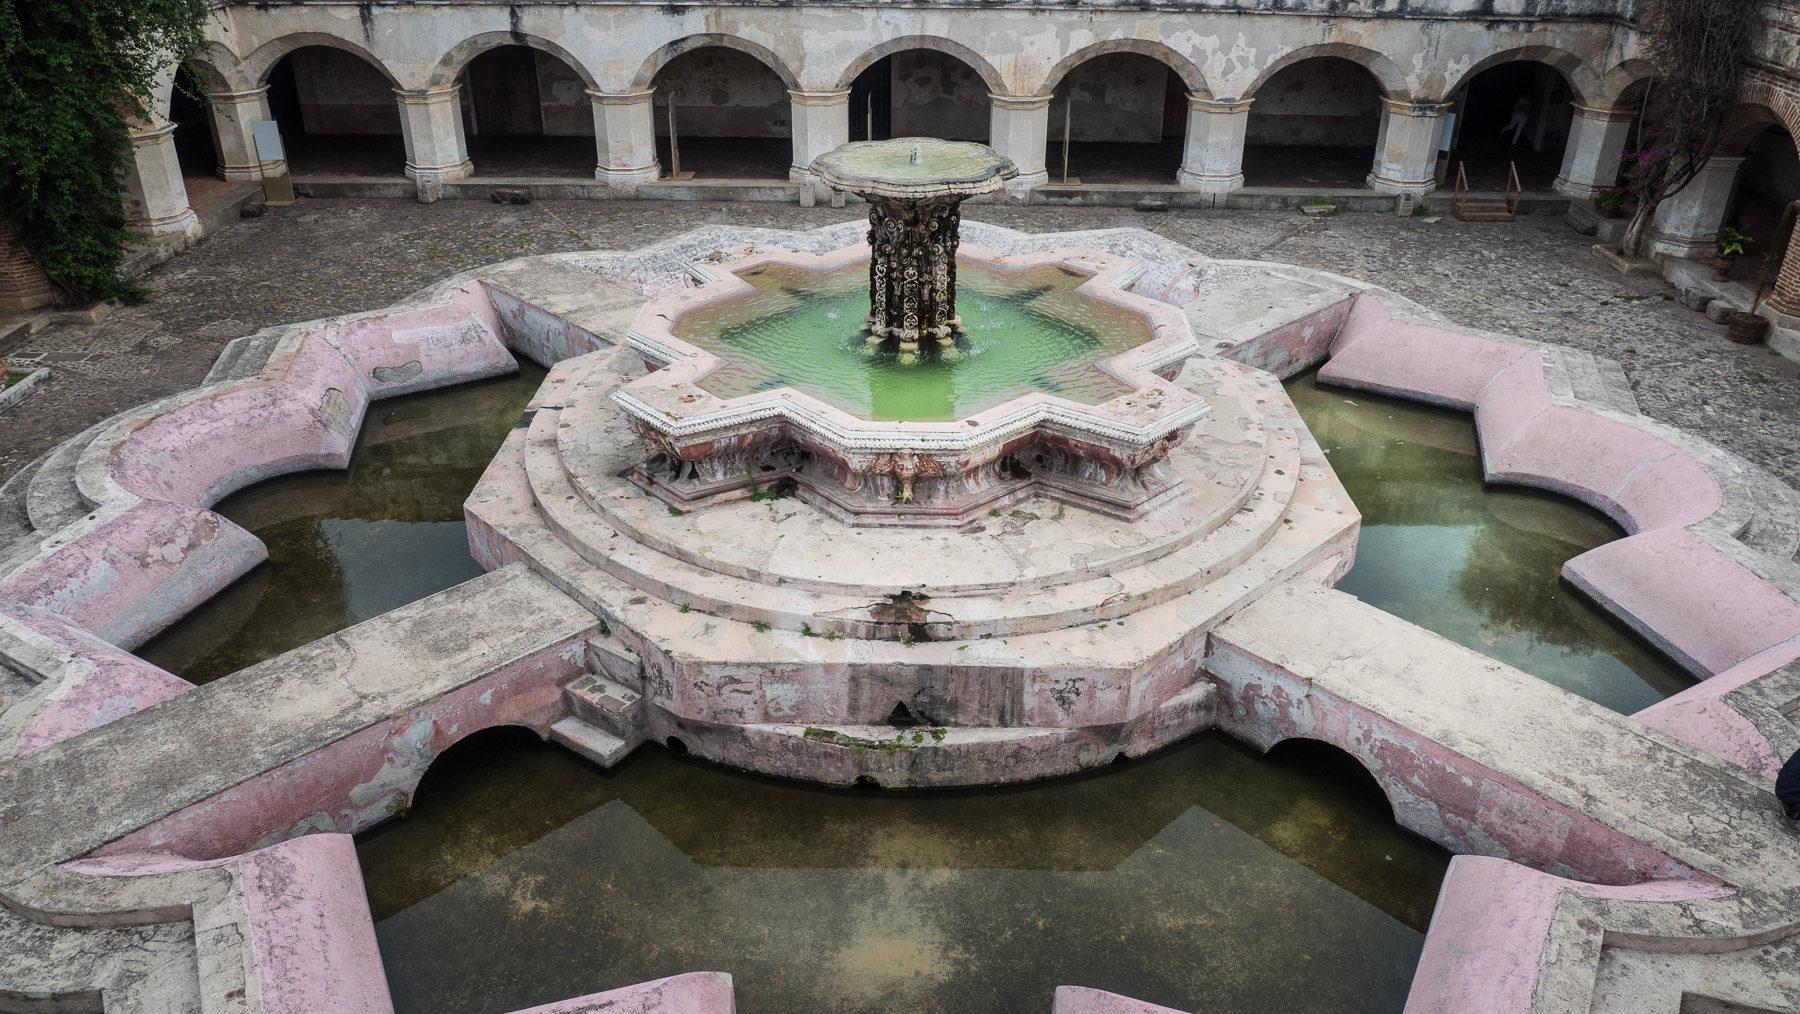 Riesiger Brunnen im Kloster des Mercedarier-Orden